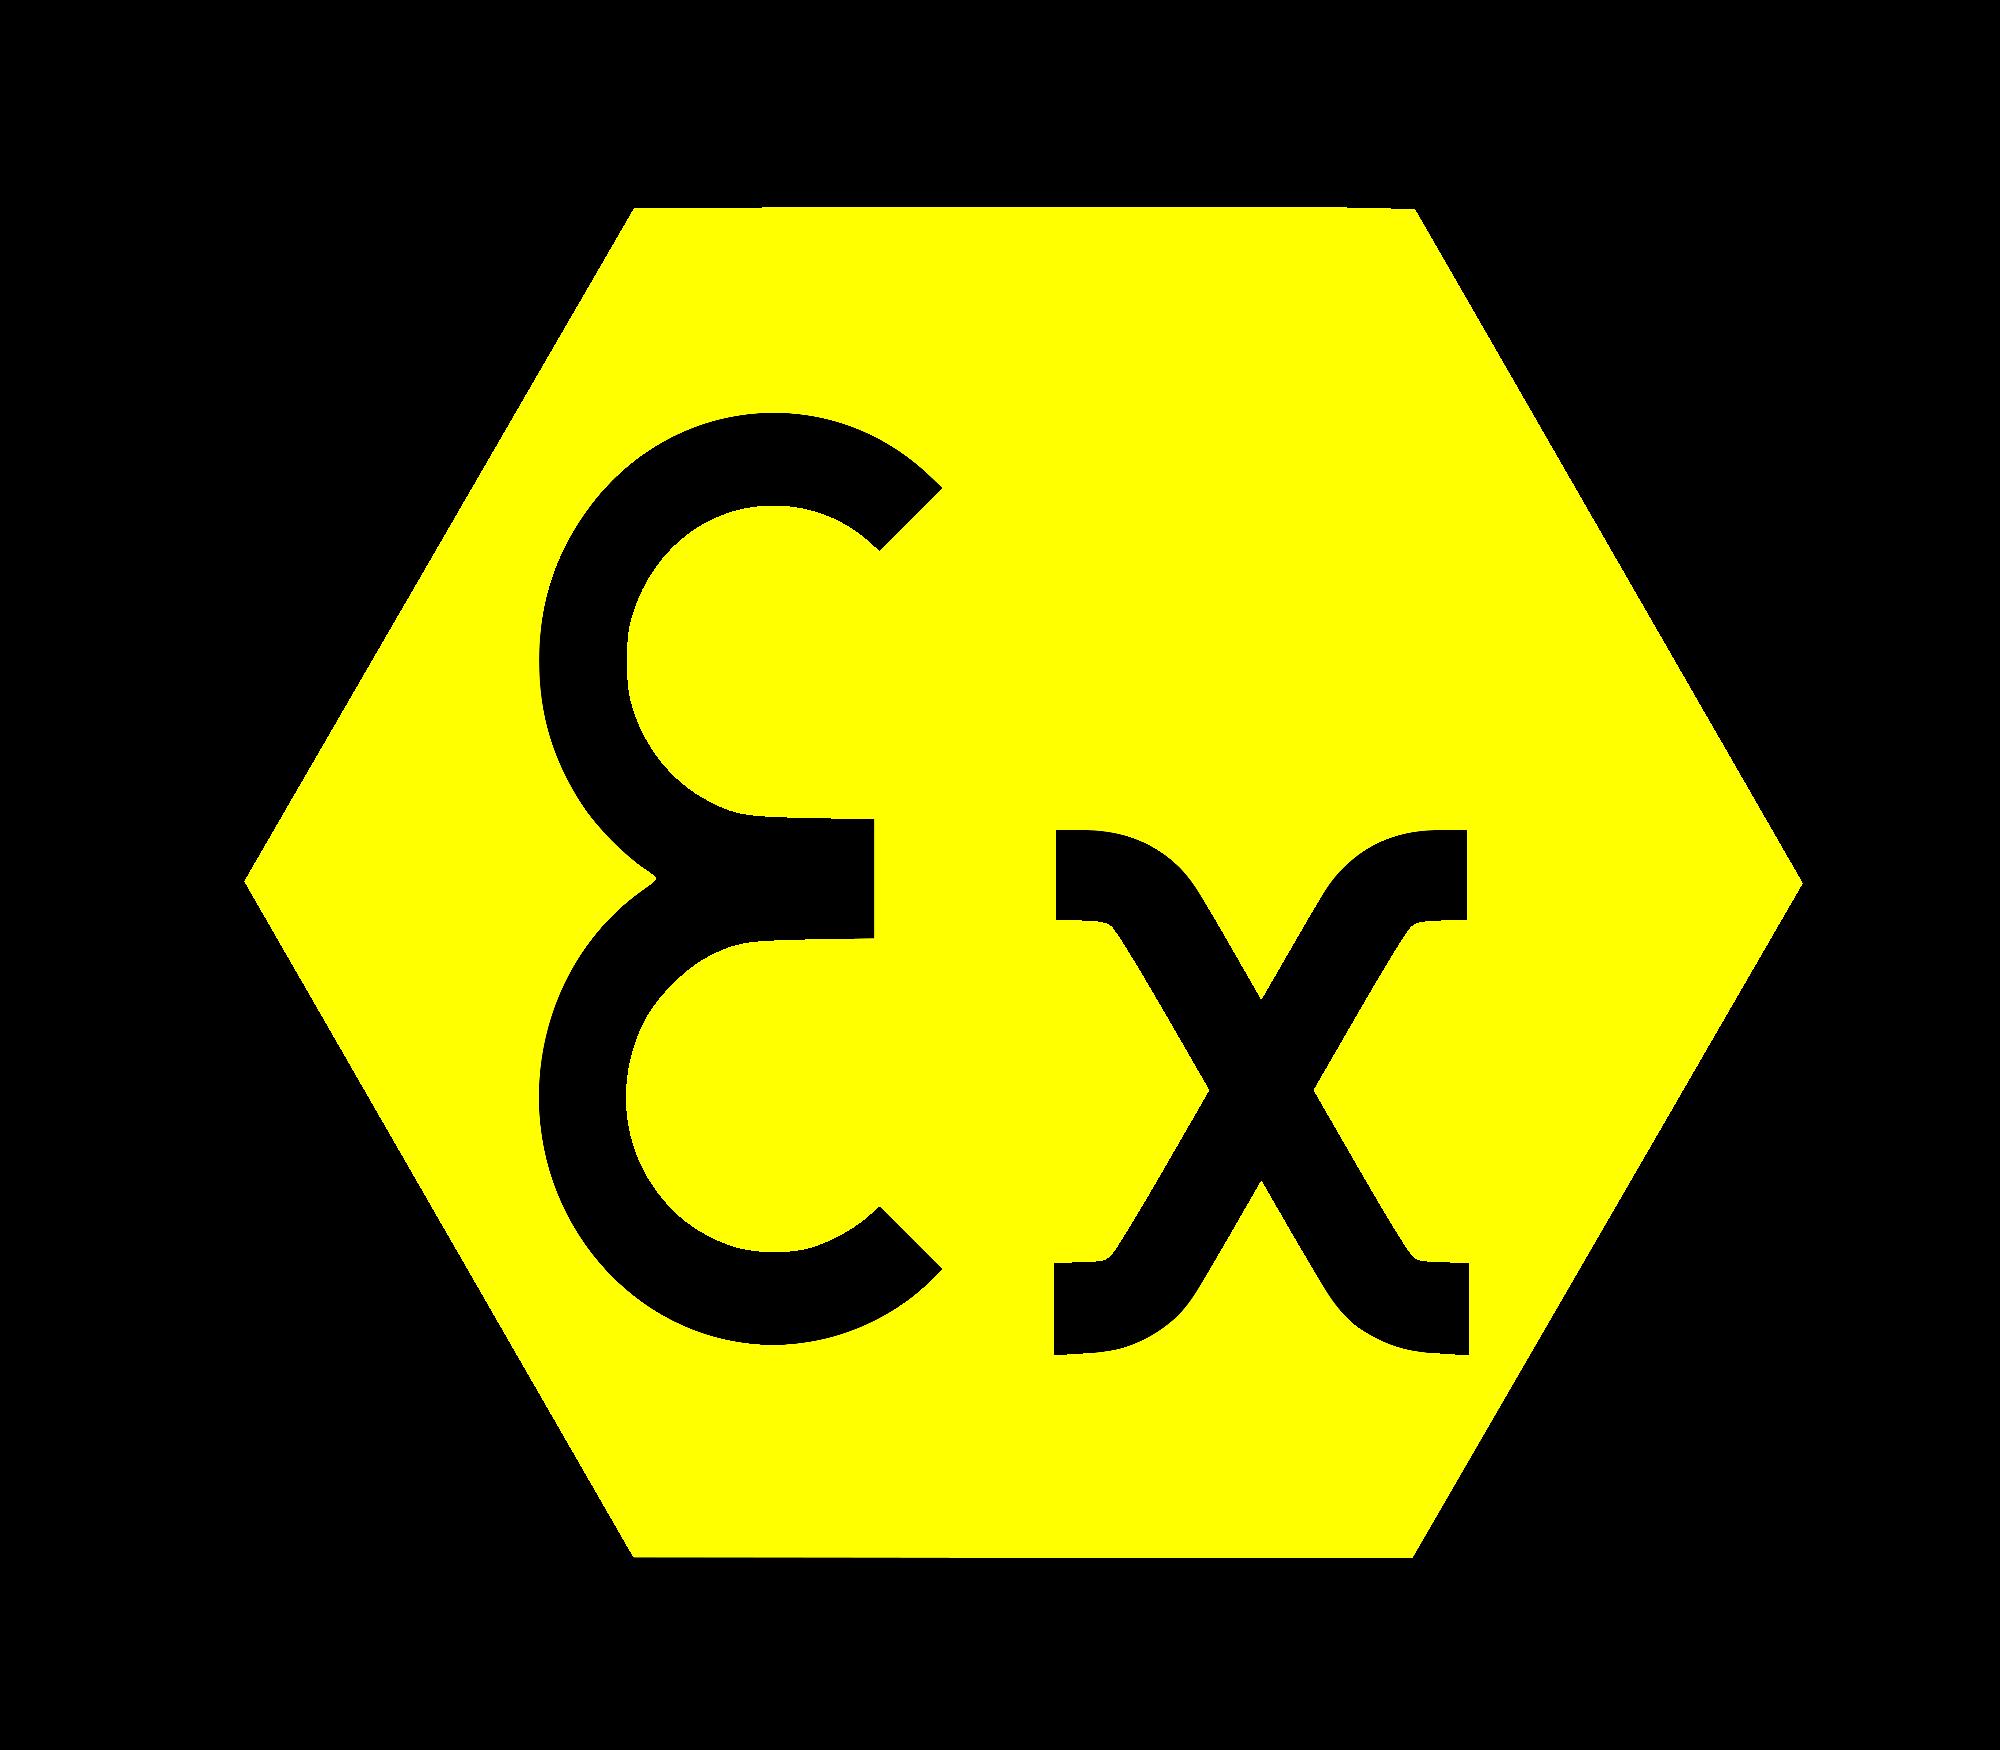 Equipement ATEX